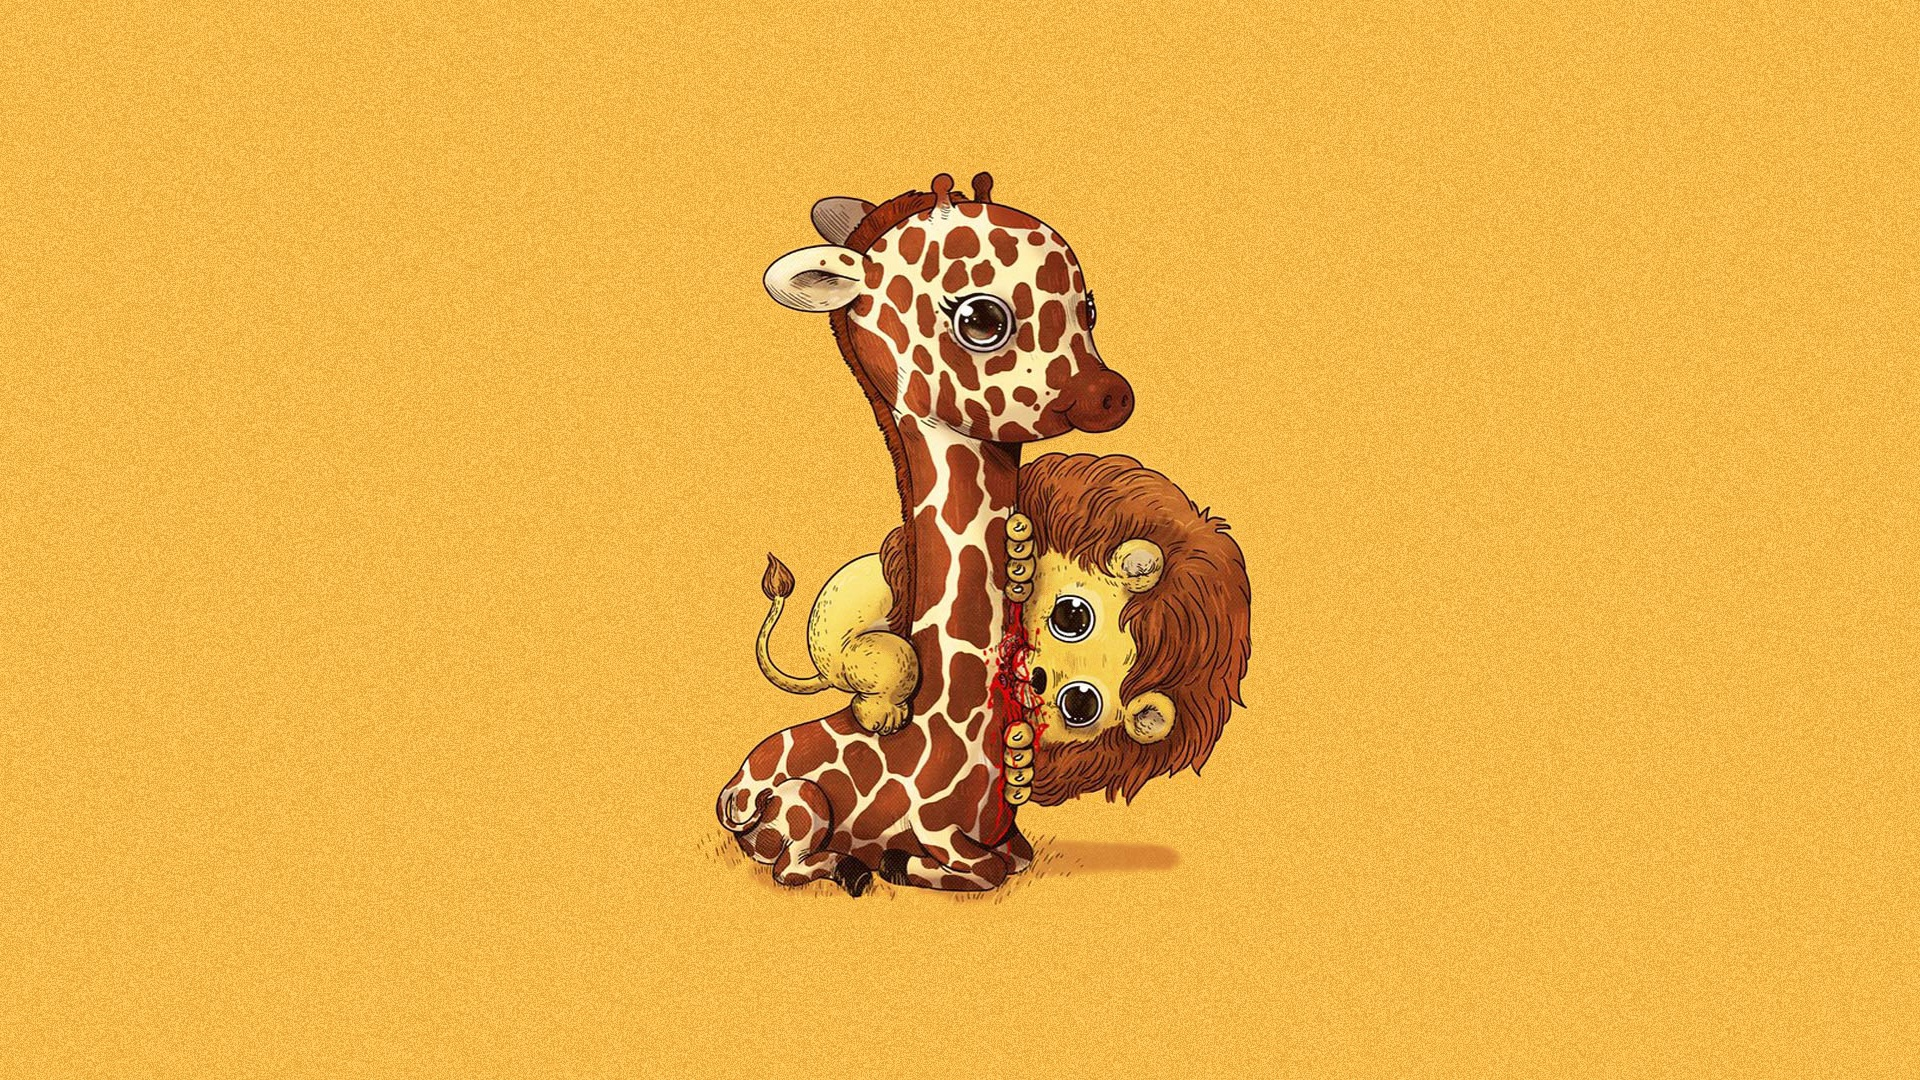 жираф рисунок  № 3522500 загрузить